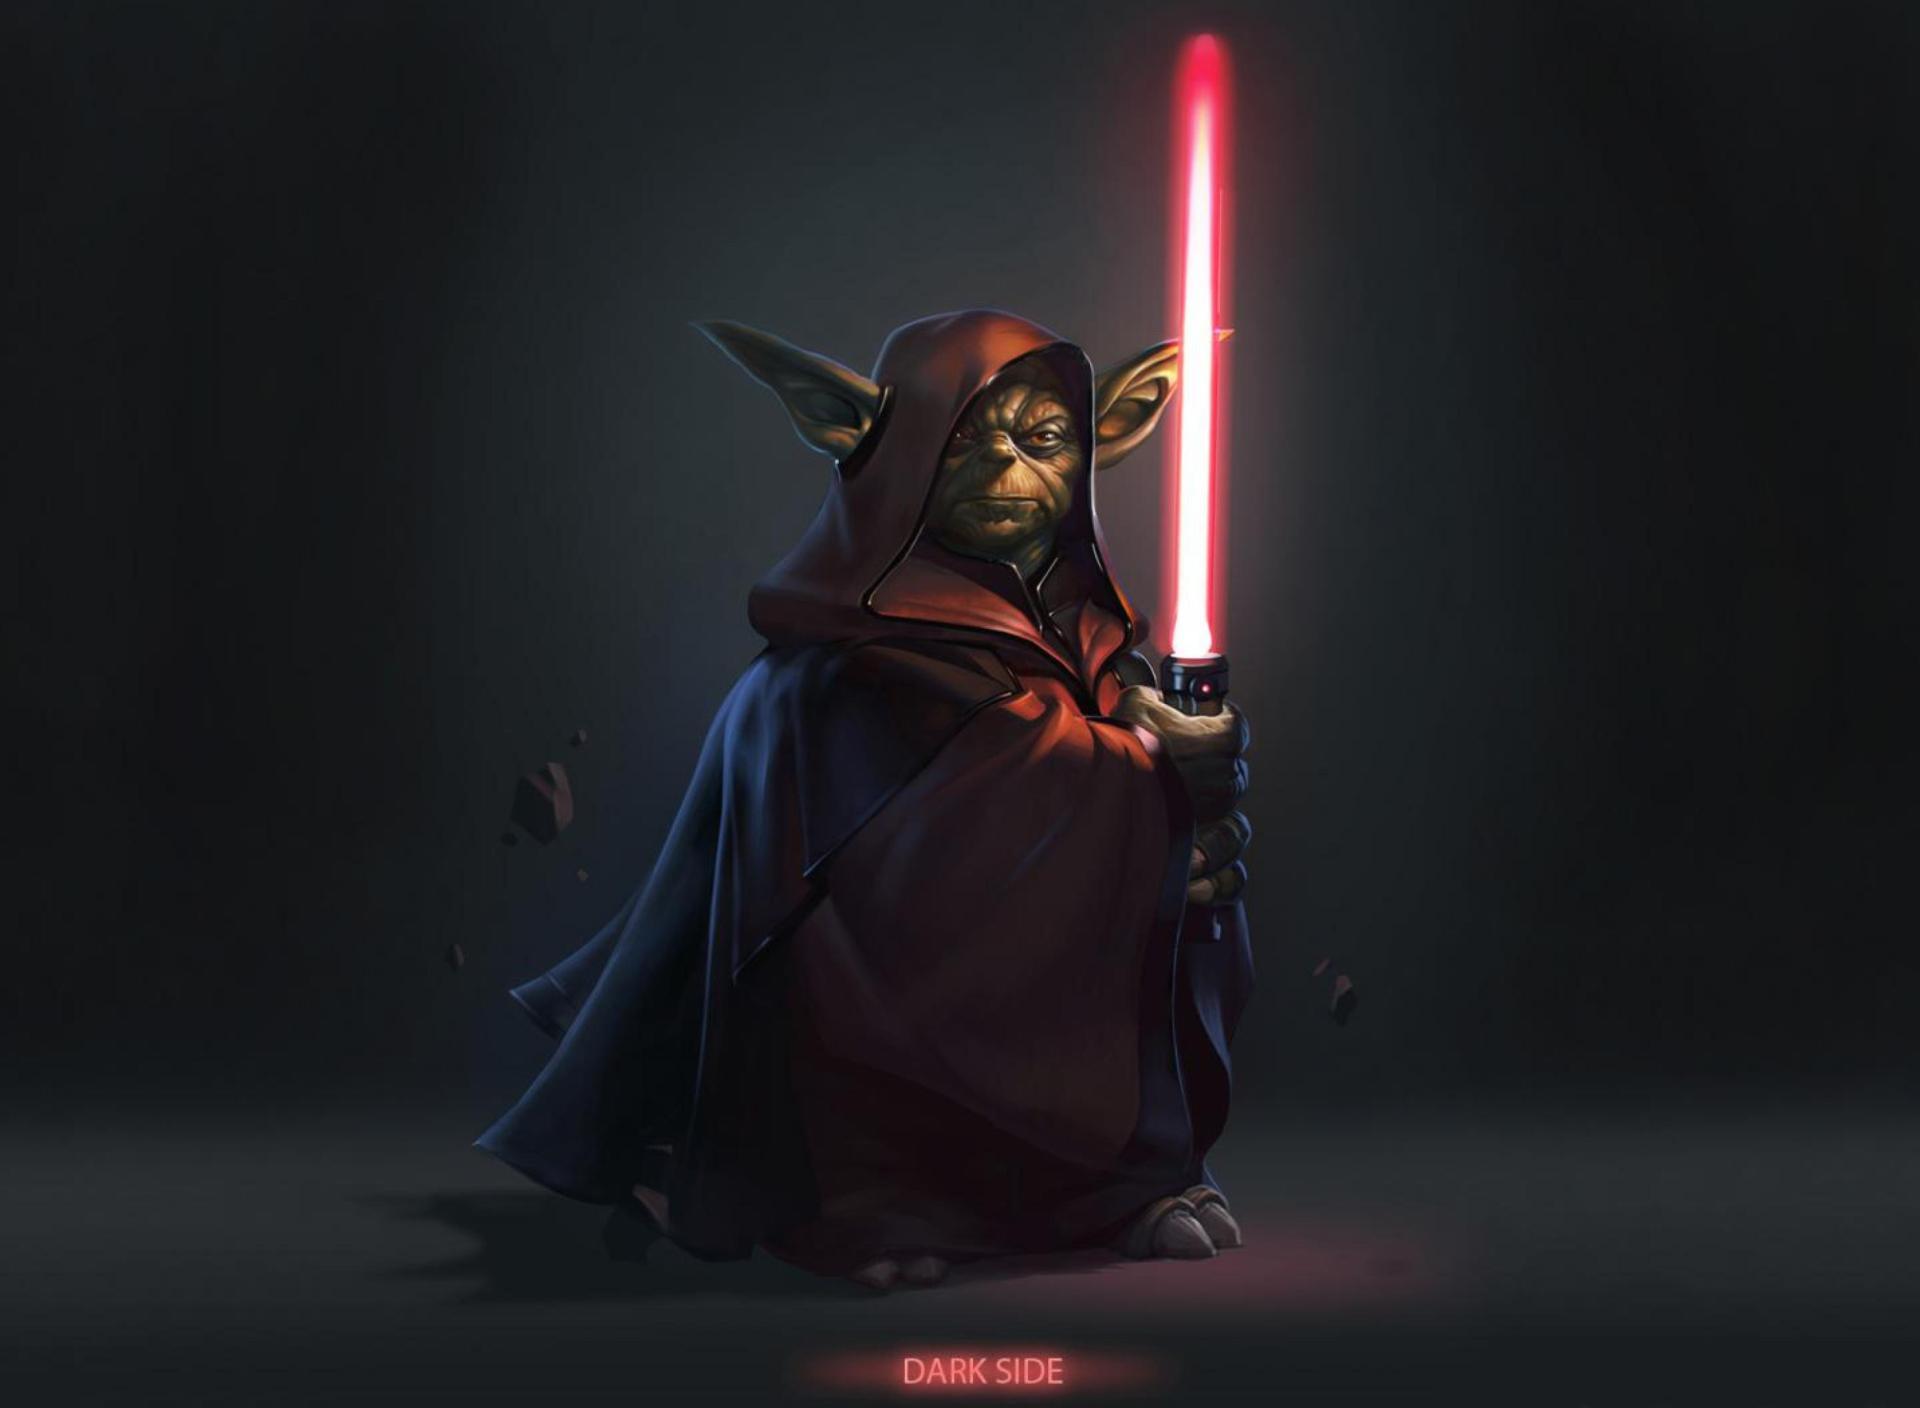 Yoda star wars fondos de pantalla gratis para lg nexus 5 for Fondo de pantalla star wars